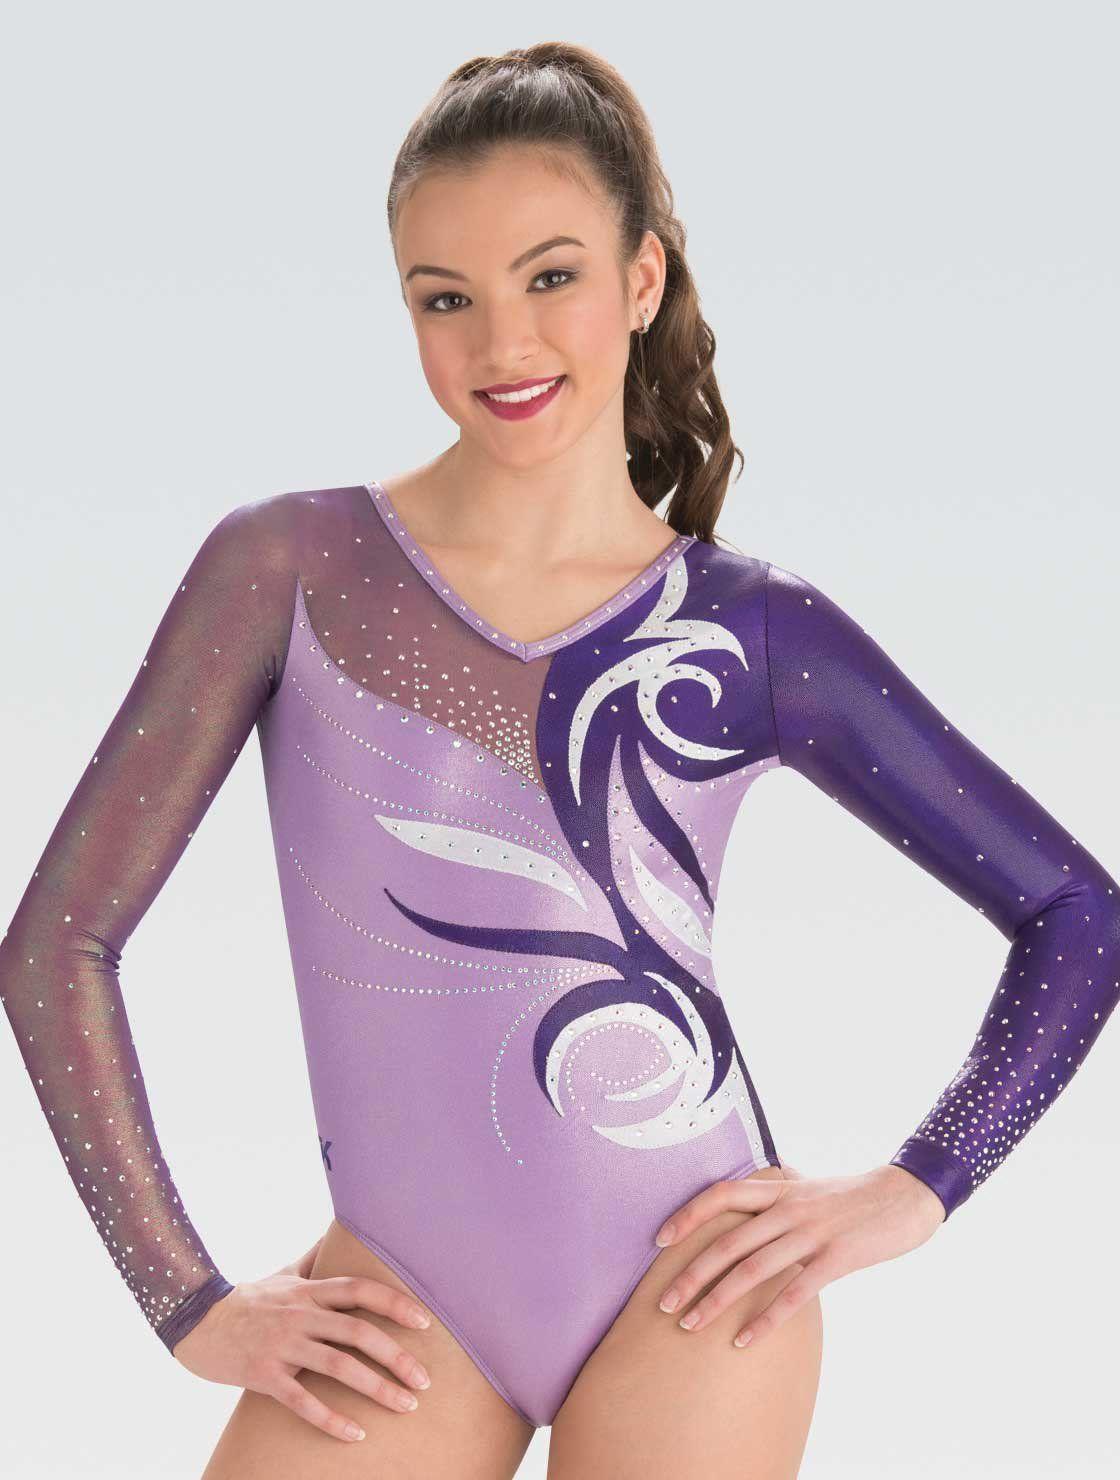 Nastia Liuken in a dark suit   Gymnastics leotards, Gym